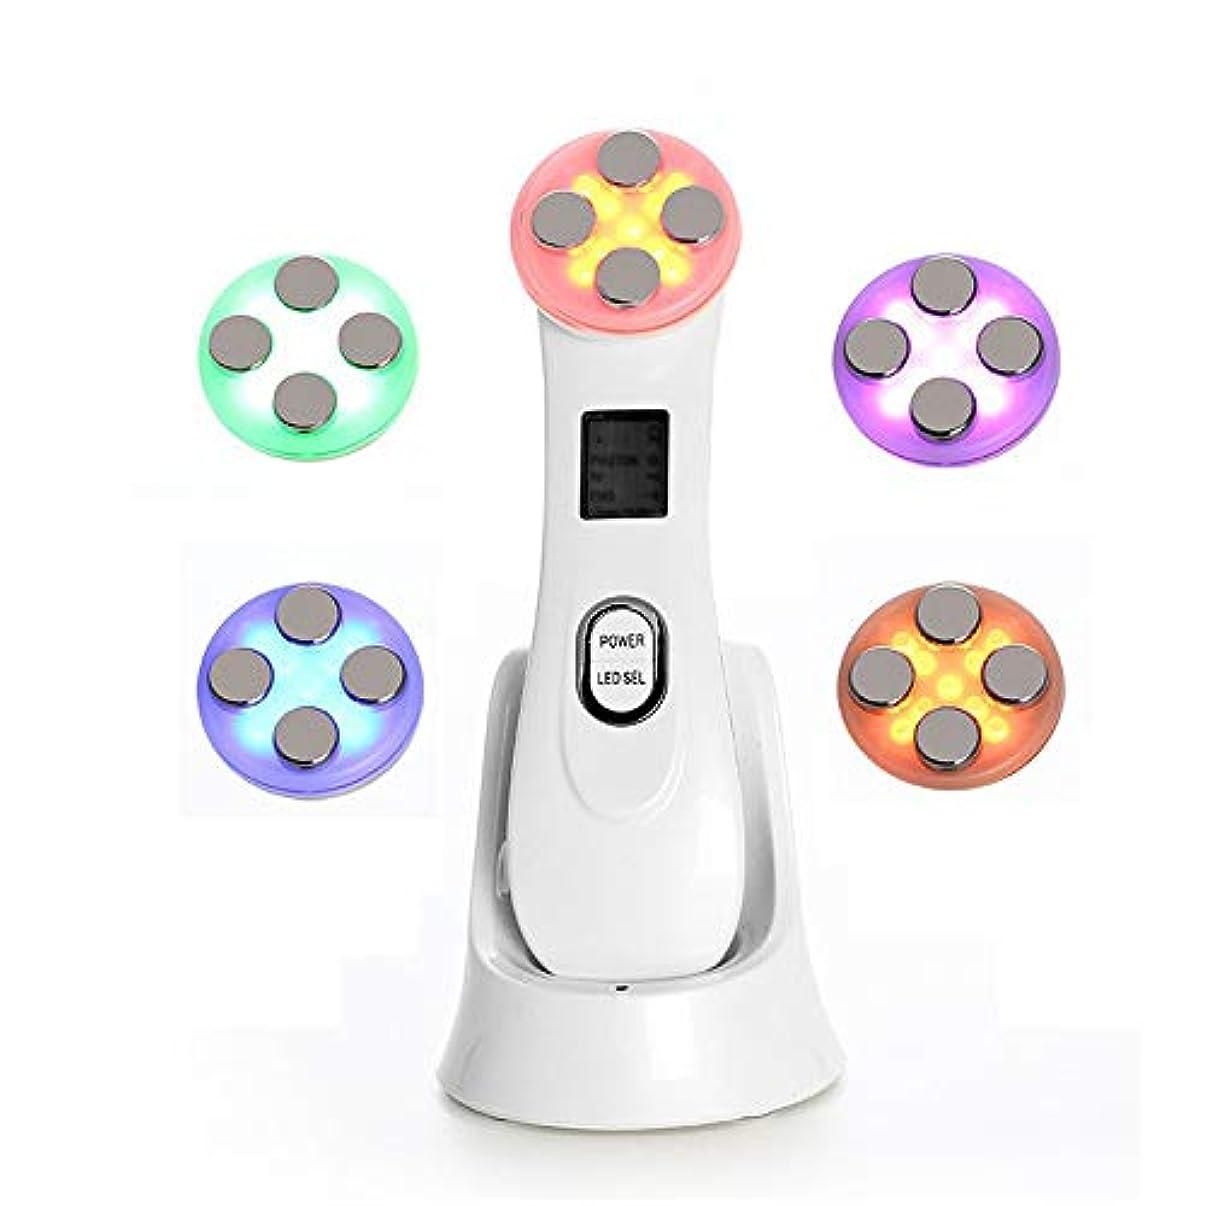 ドリンク悪質な遺棄されたアメリカのプラスチック機器EMSエレクトロポレーションRF美容機器LED肌色光剥離機美容機器